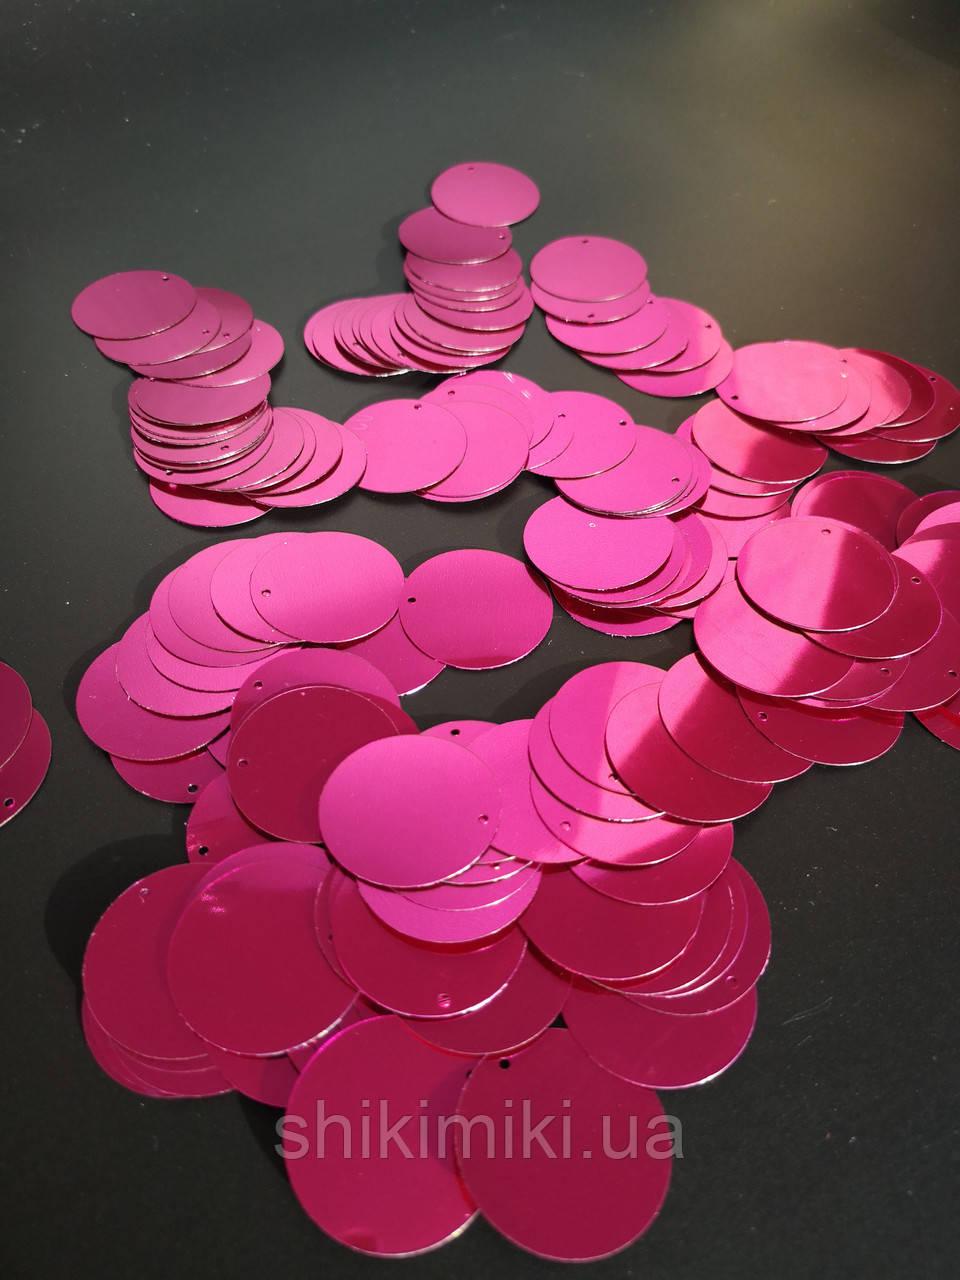 Пайетки сумочные 30 мм, цвет малиновый